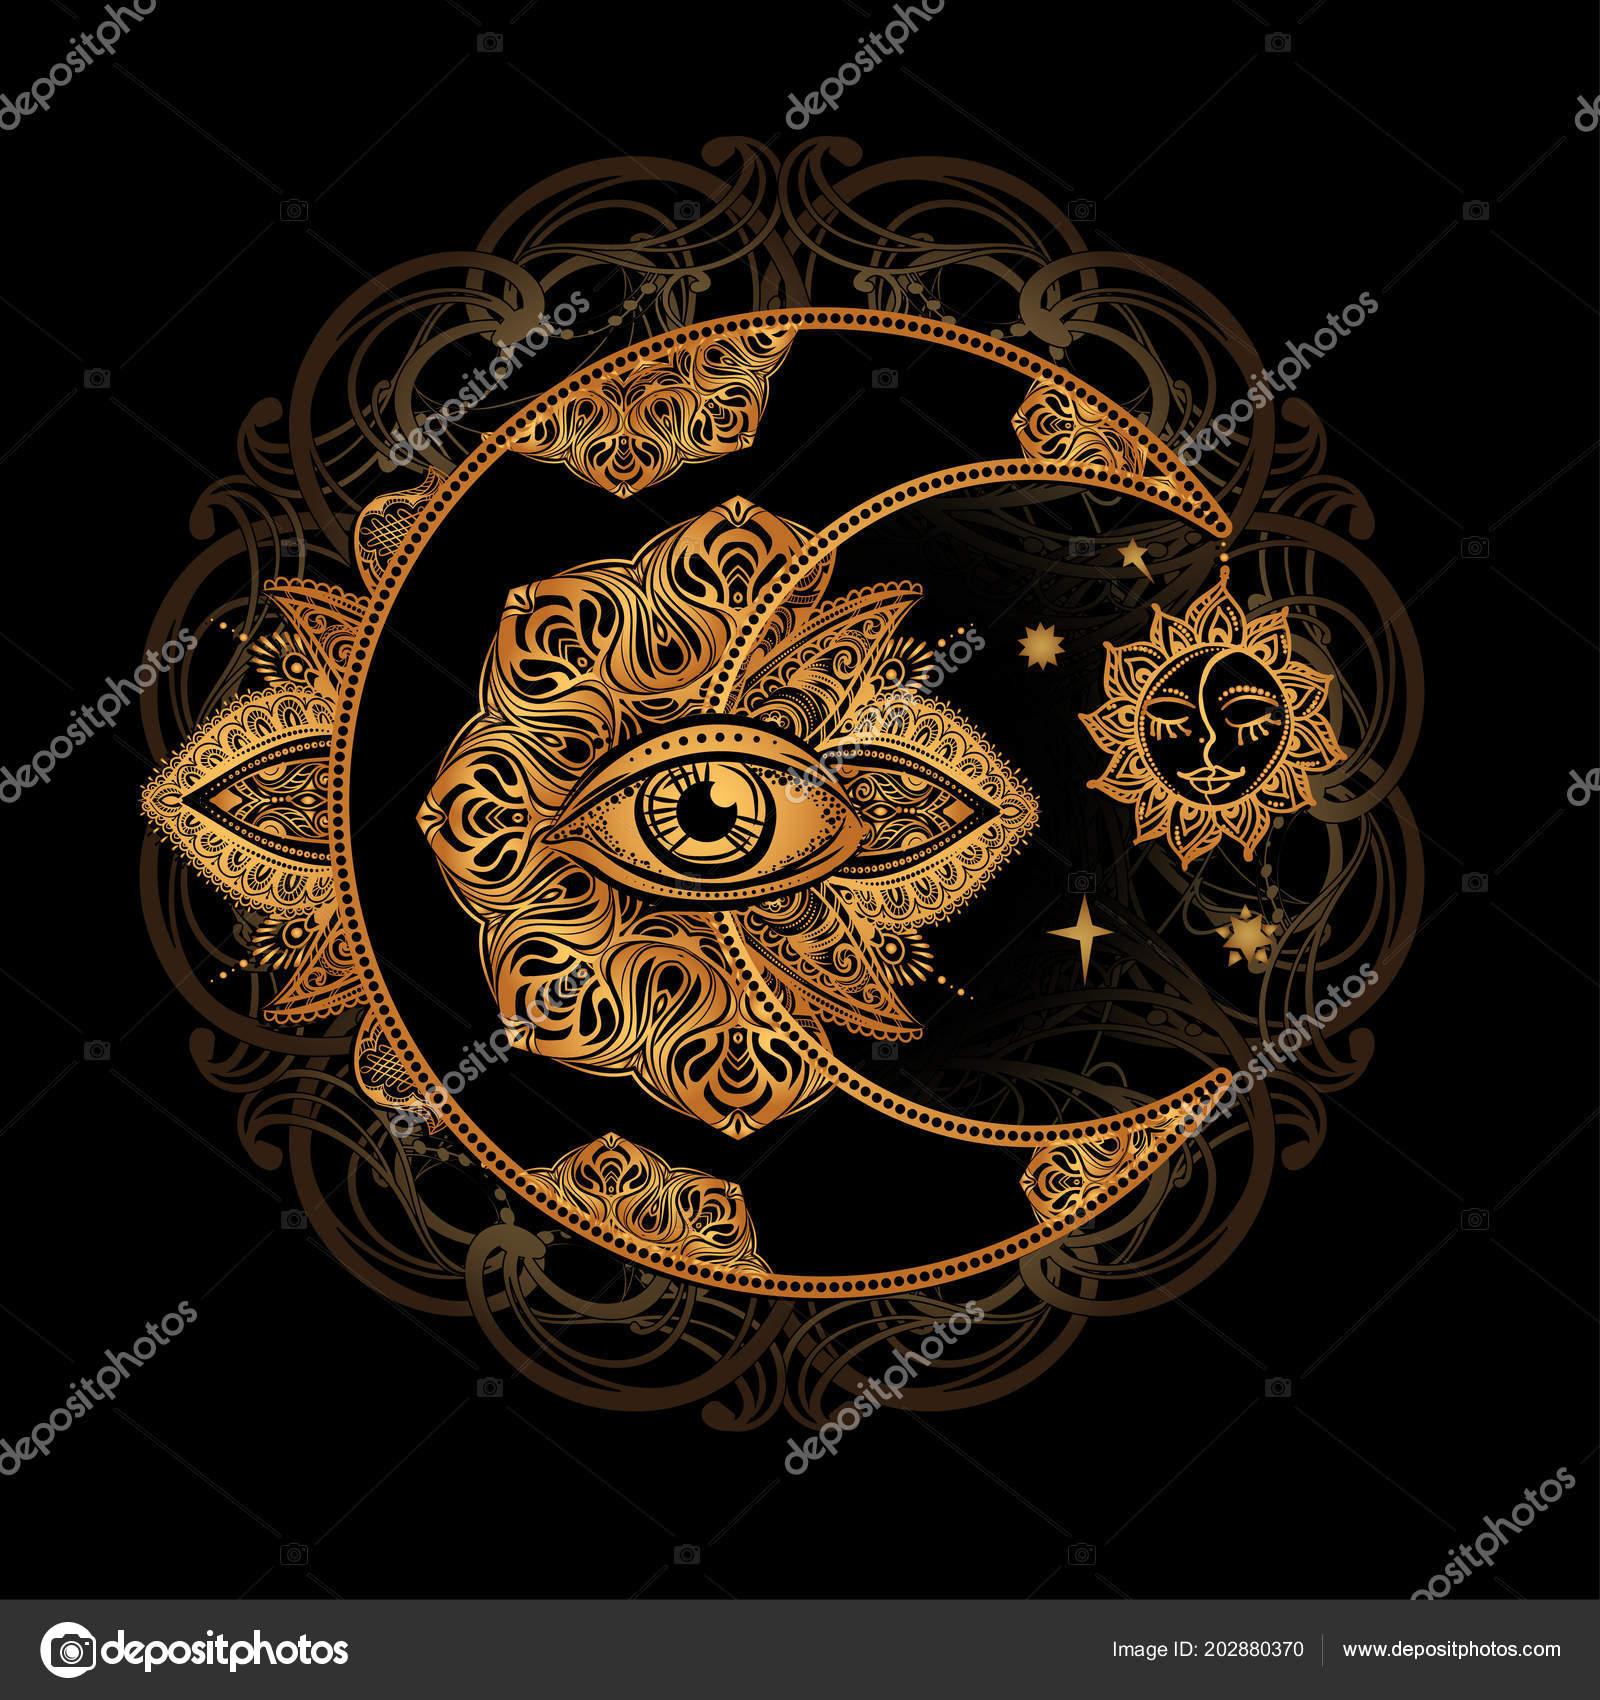 Soleil Lune Alchimie Image Vectorielle Yulianas C 202880370